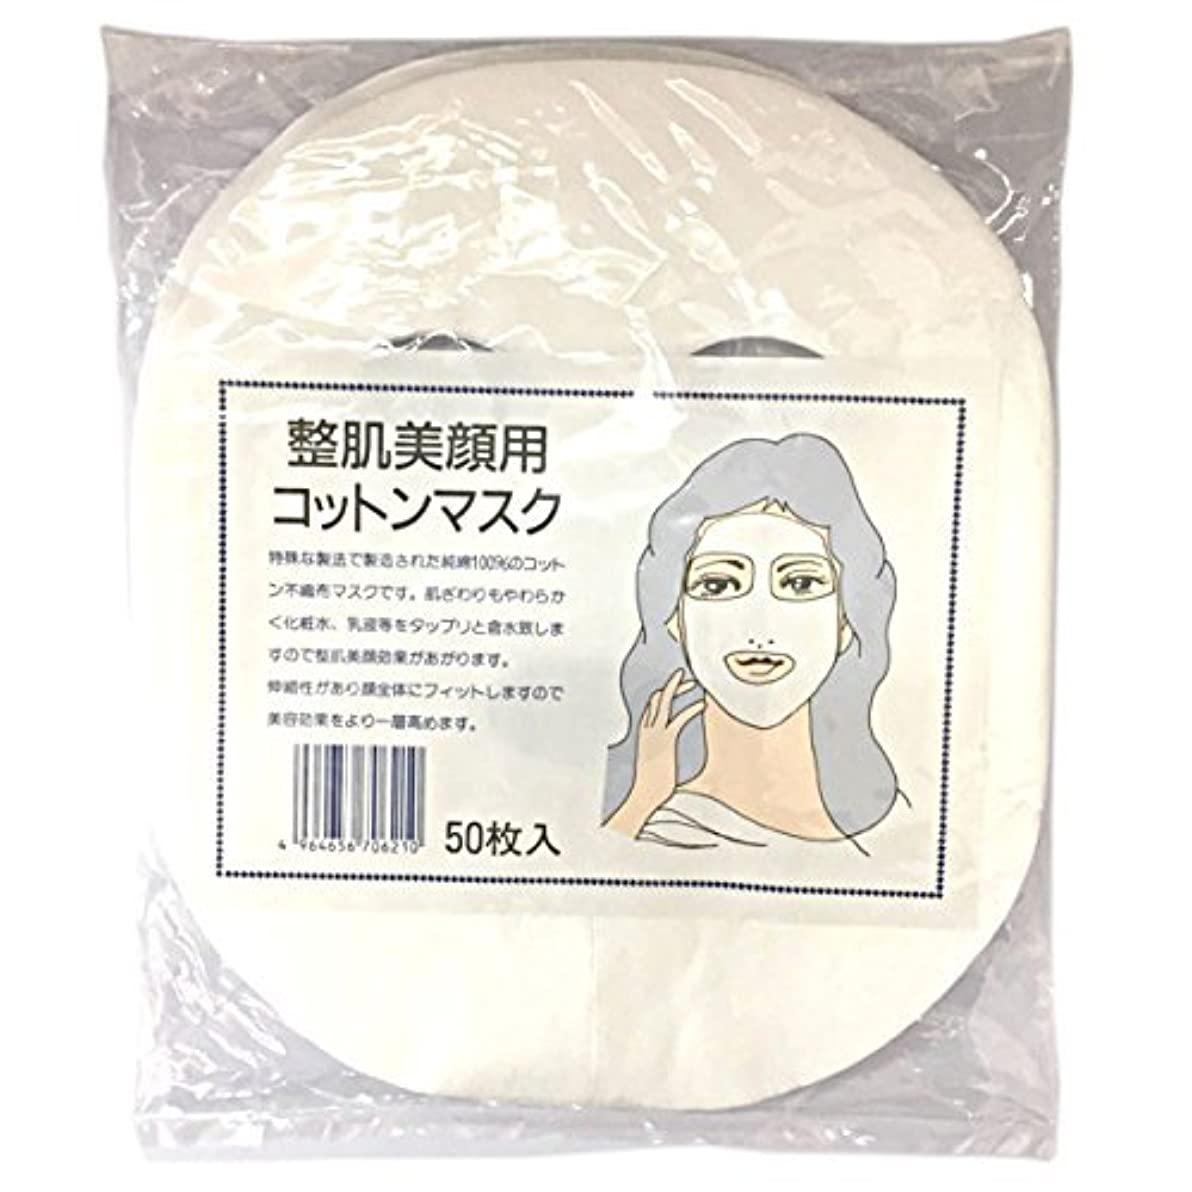 健康シャワー内陸整肌美顔用 コットンマスク 50枚入